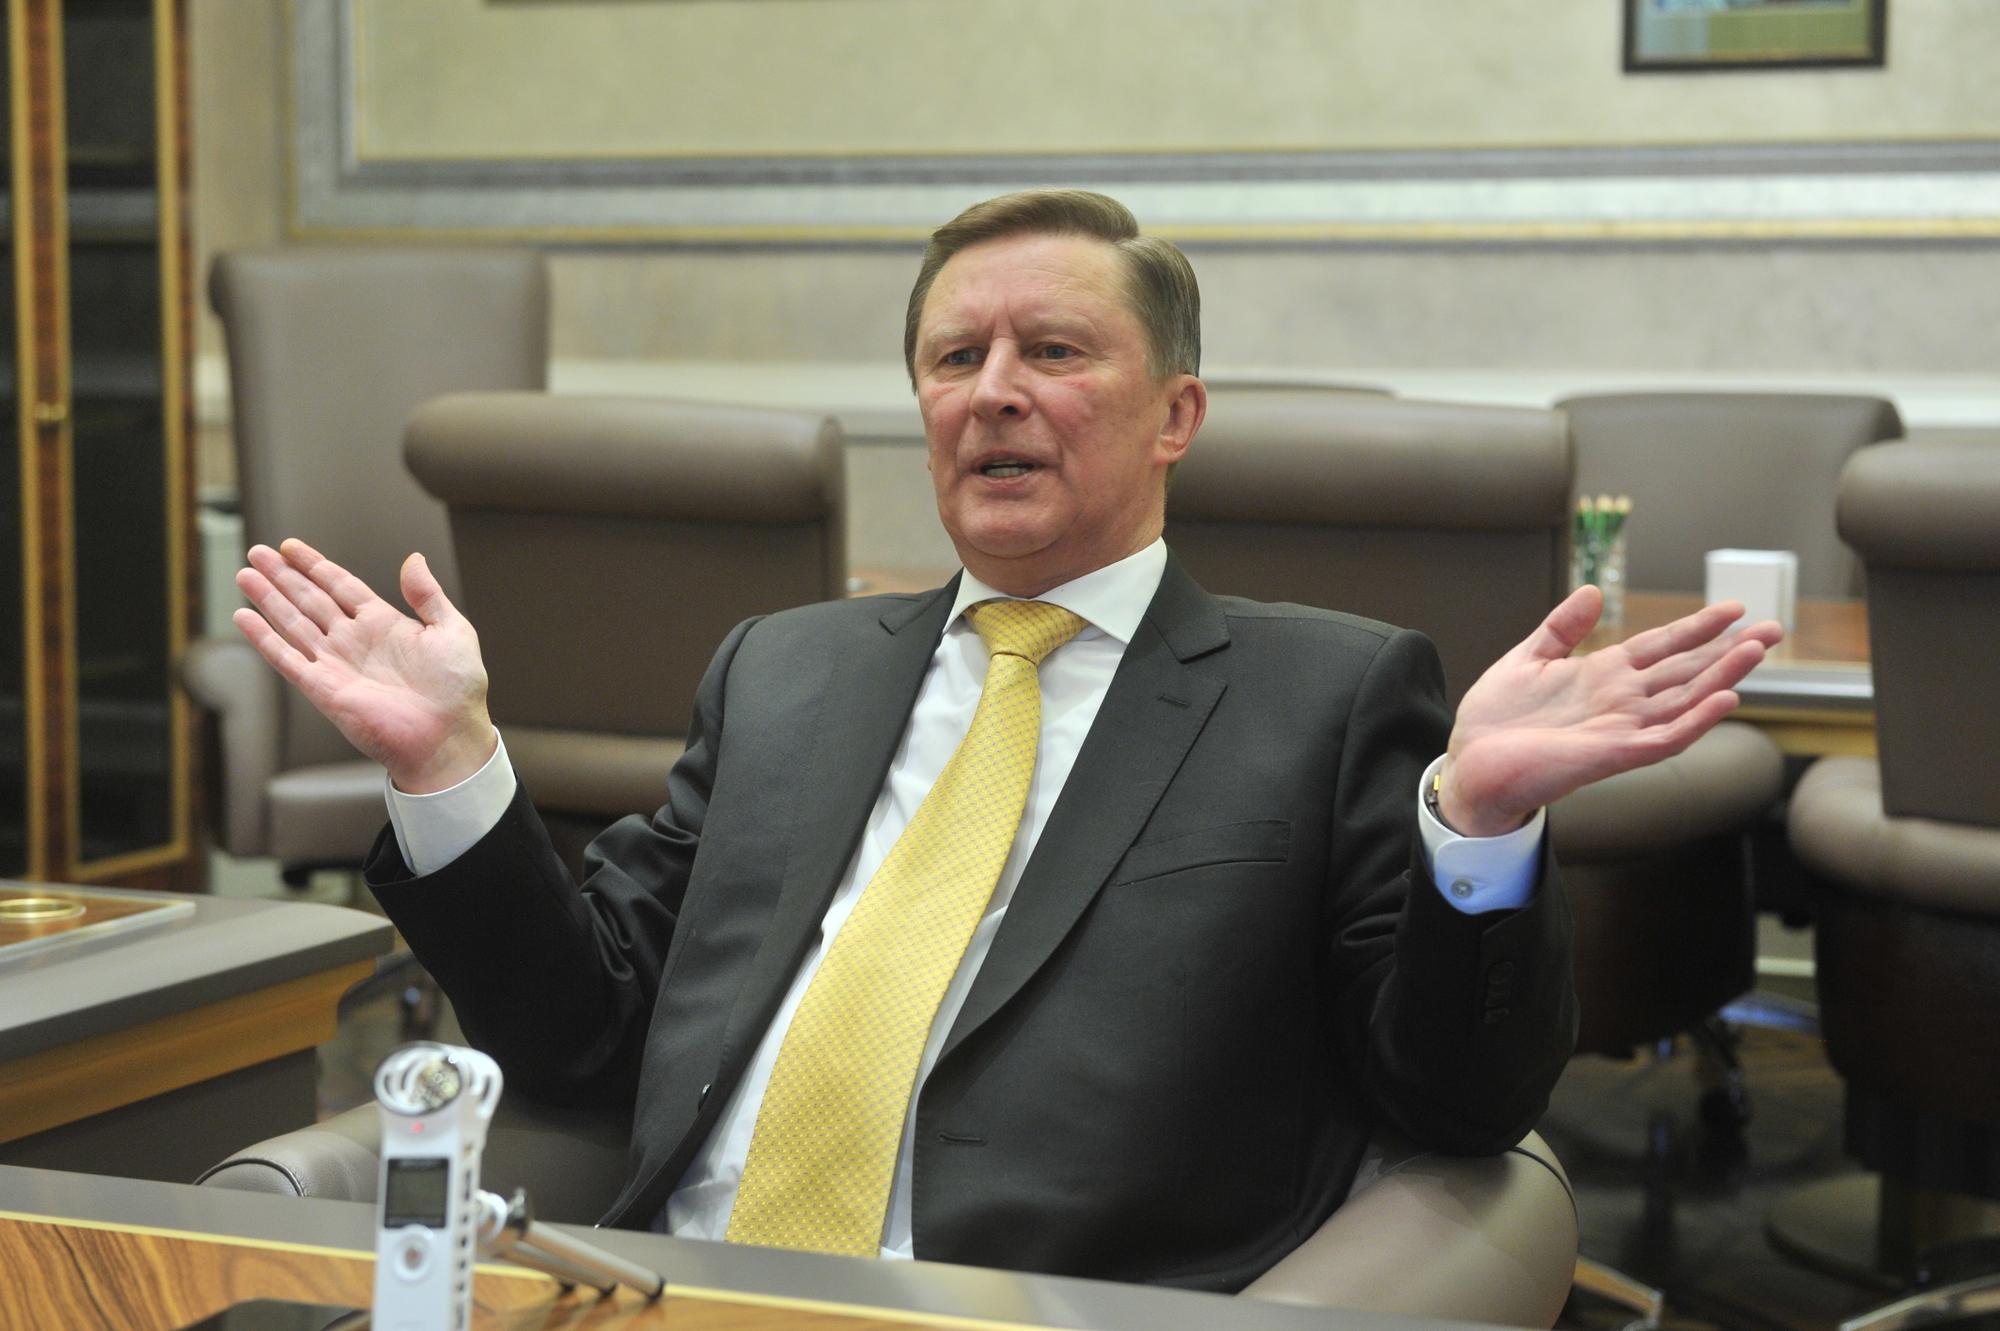 Сергей Иванов: Либеральная часть нашей общественности меня всегда воспринимает как силовика.